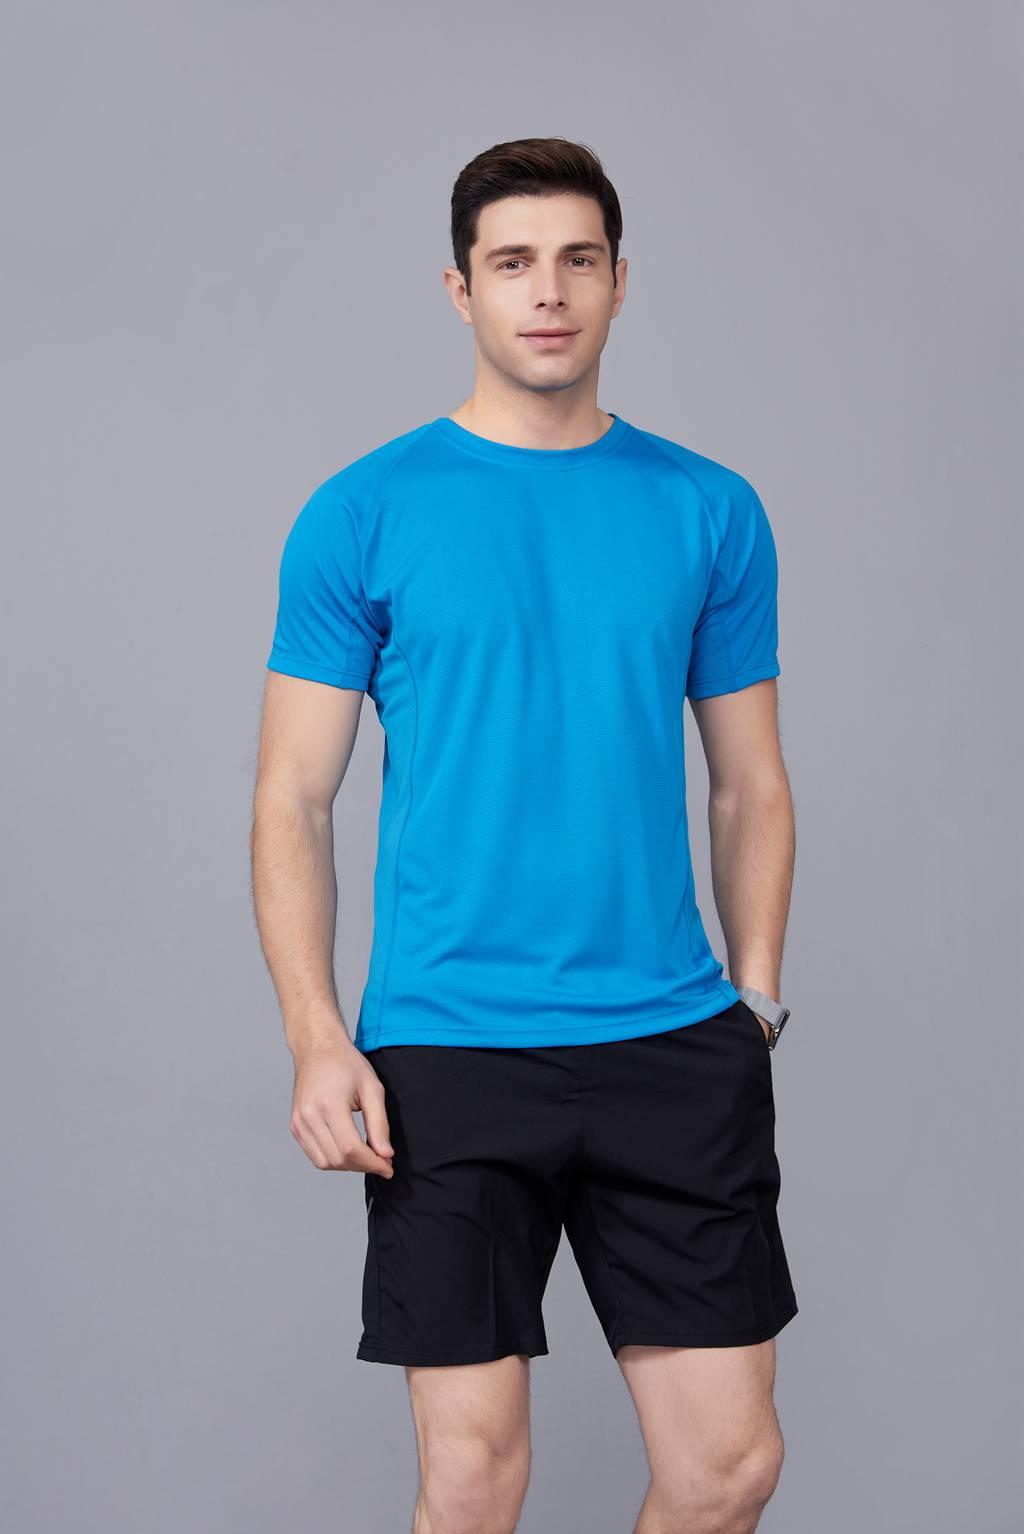 纯色T恤  简约大方经典时尚  湖蓝色